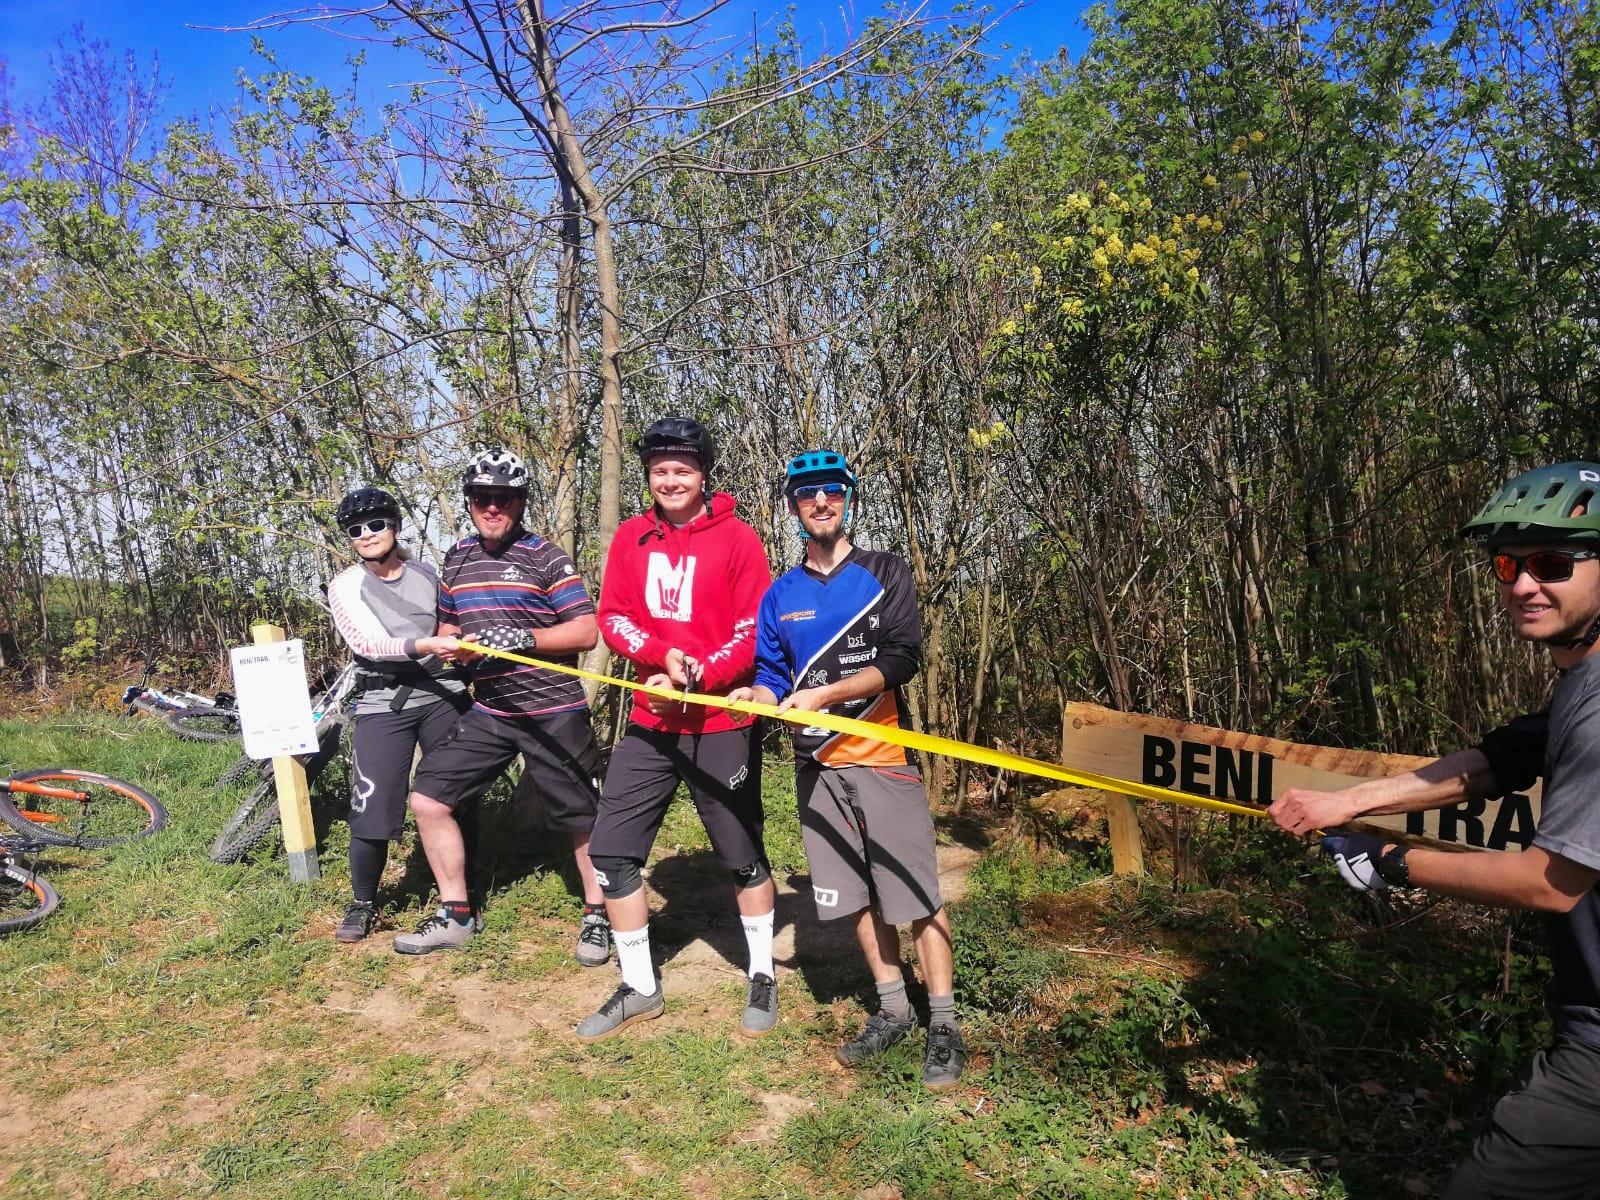 Eröffnung 1. Teil Beni Trail